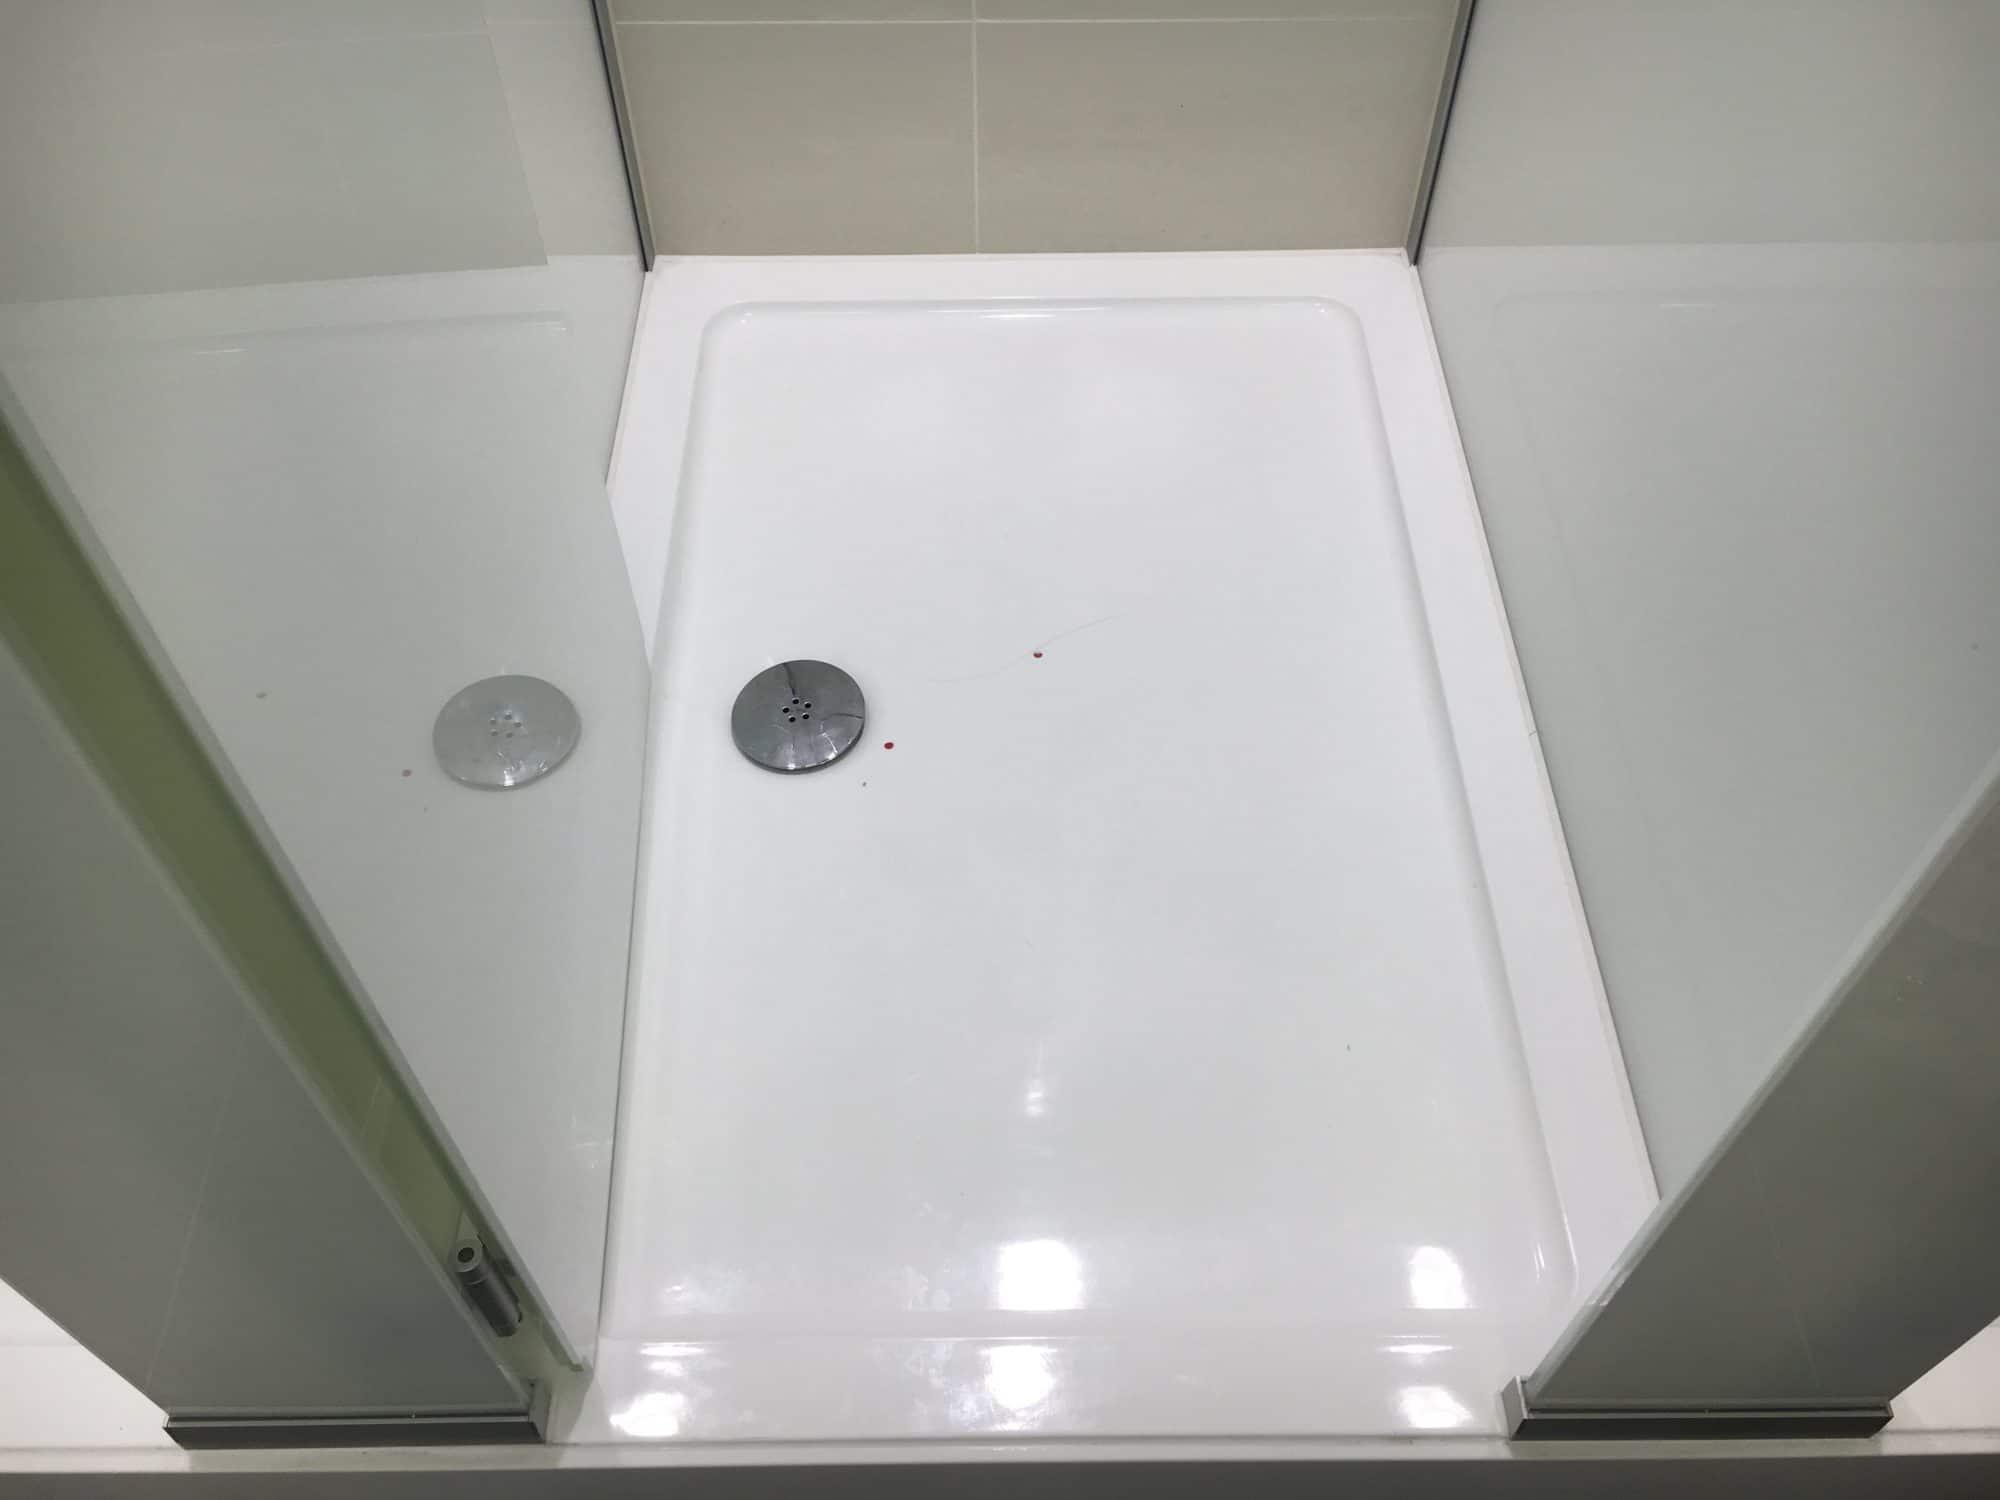 Bespoke Repairs Ltd - UK Stone & Glass repair